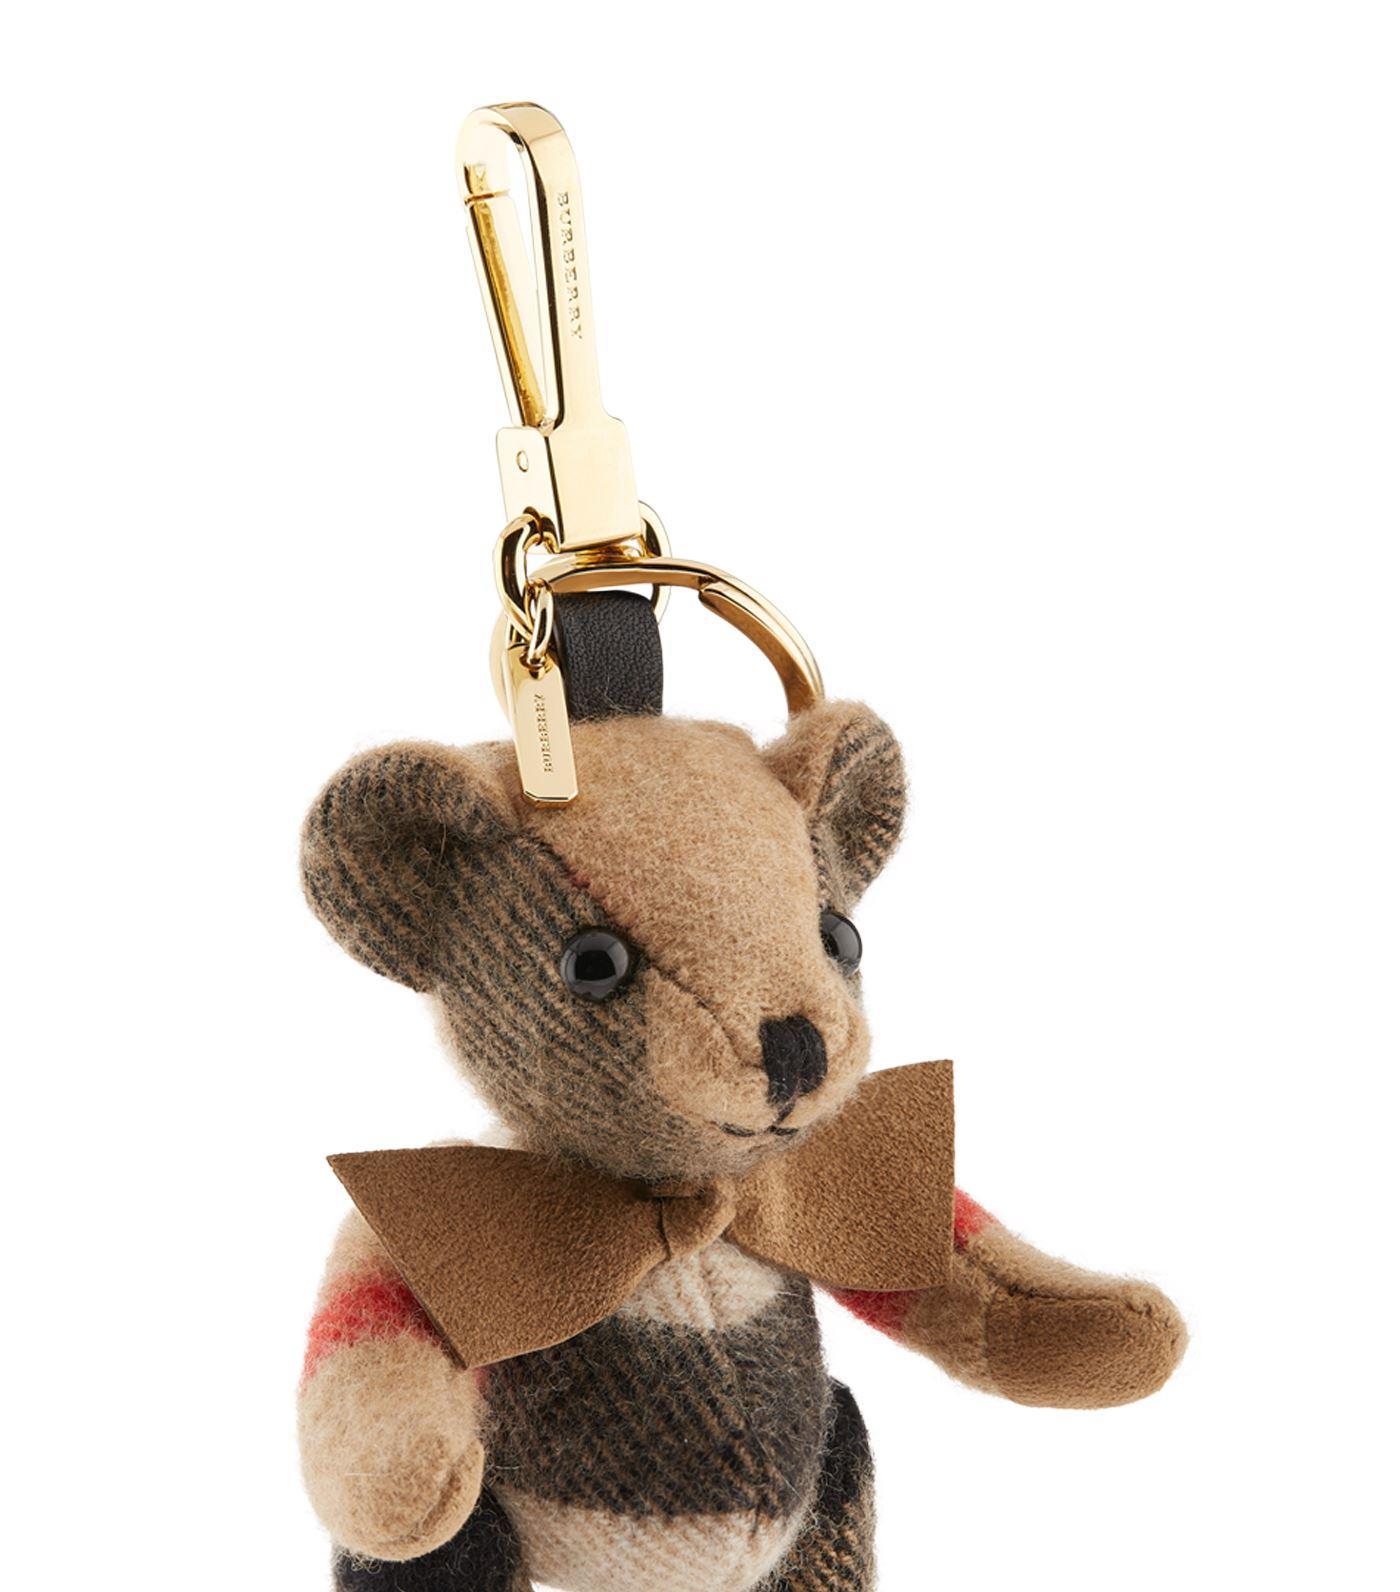 Burberry Cashmere Thomas Check Bag Charm